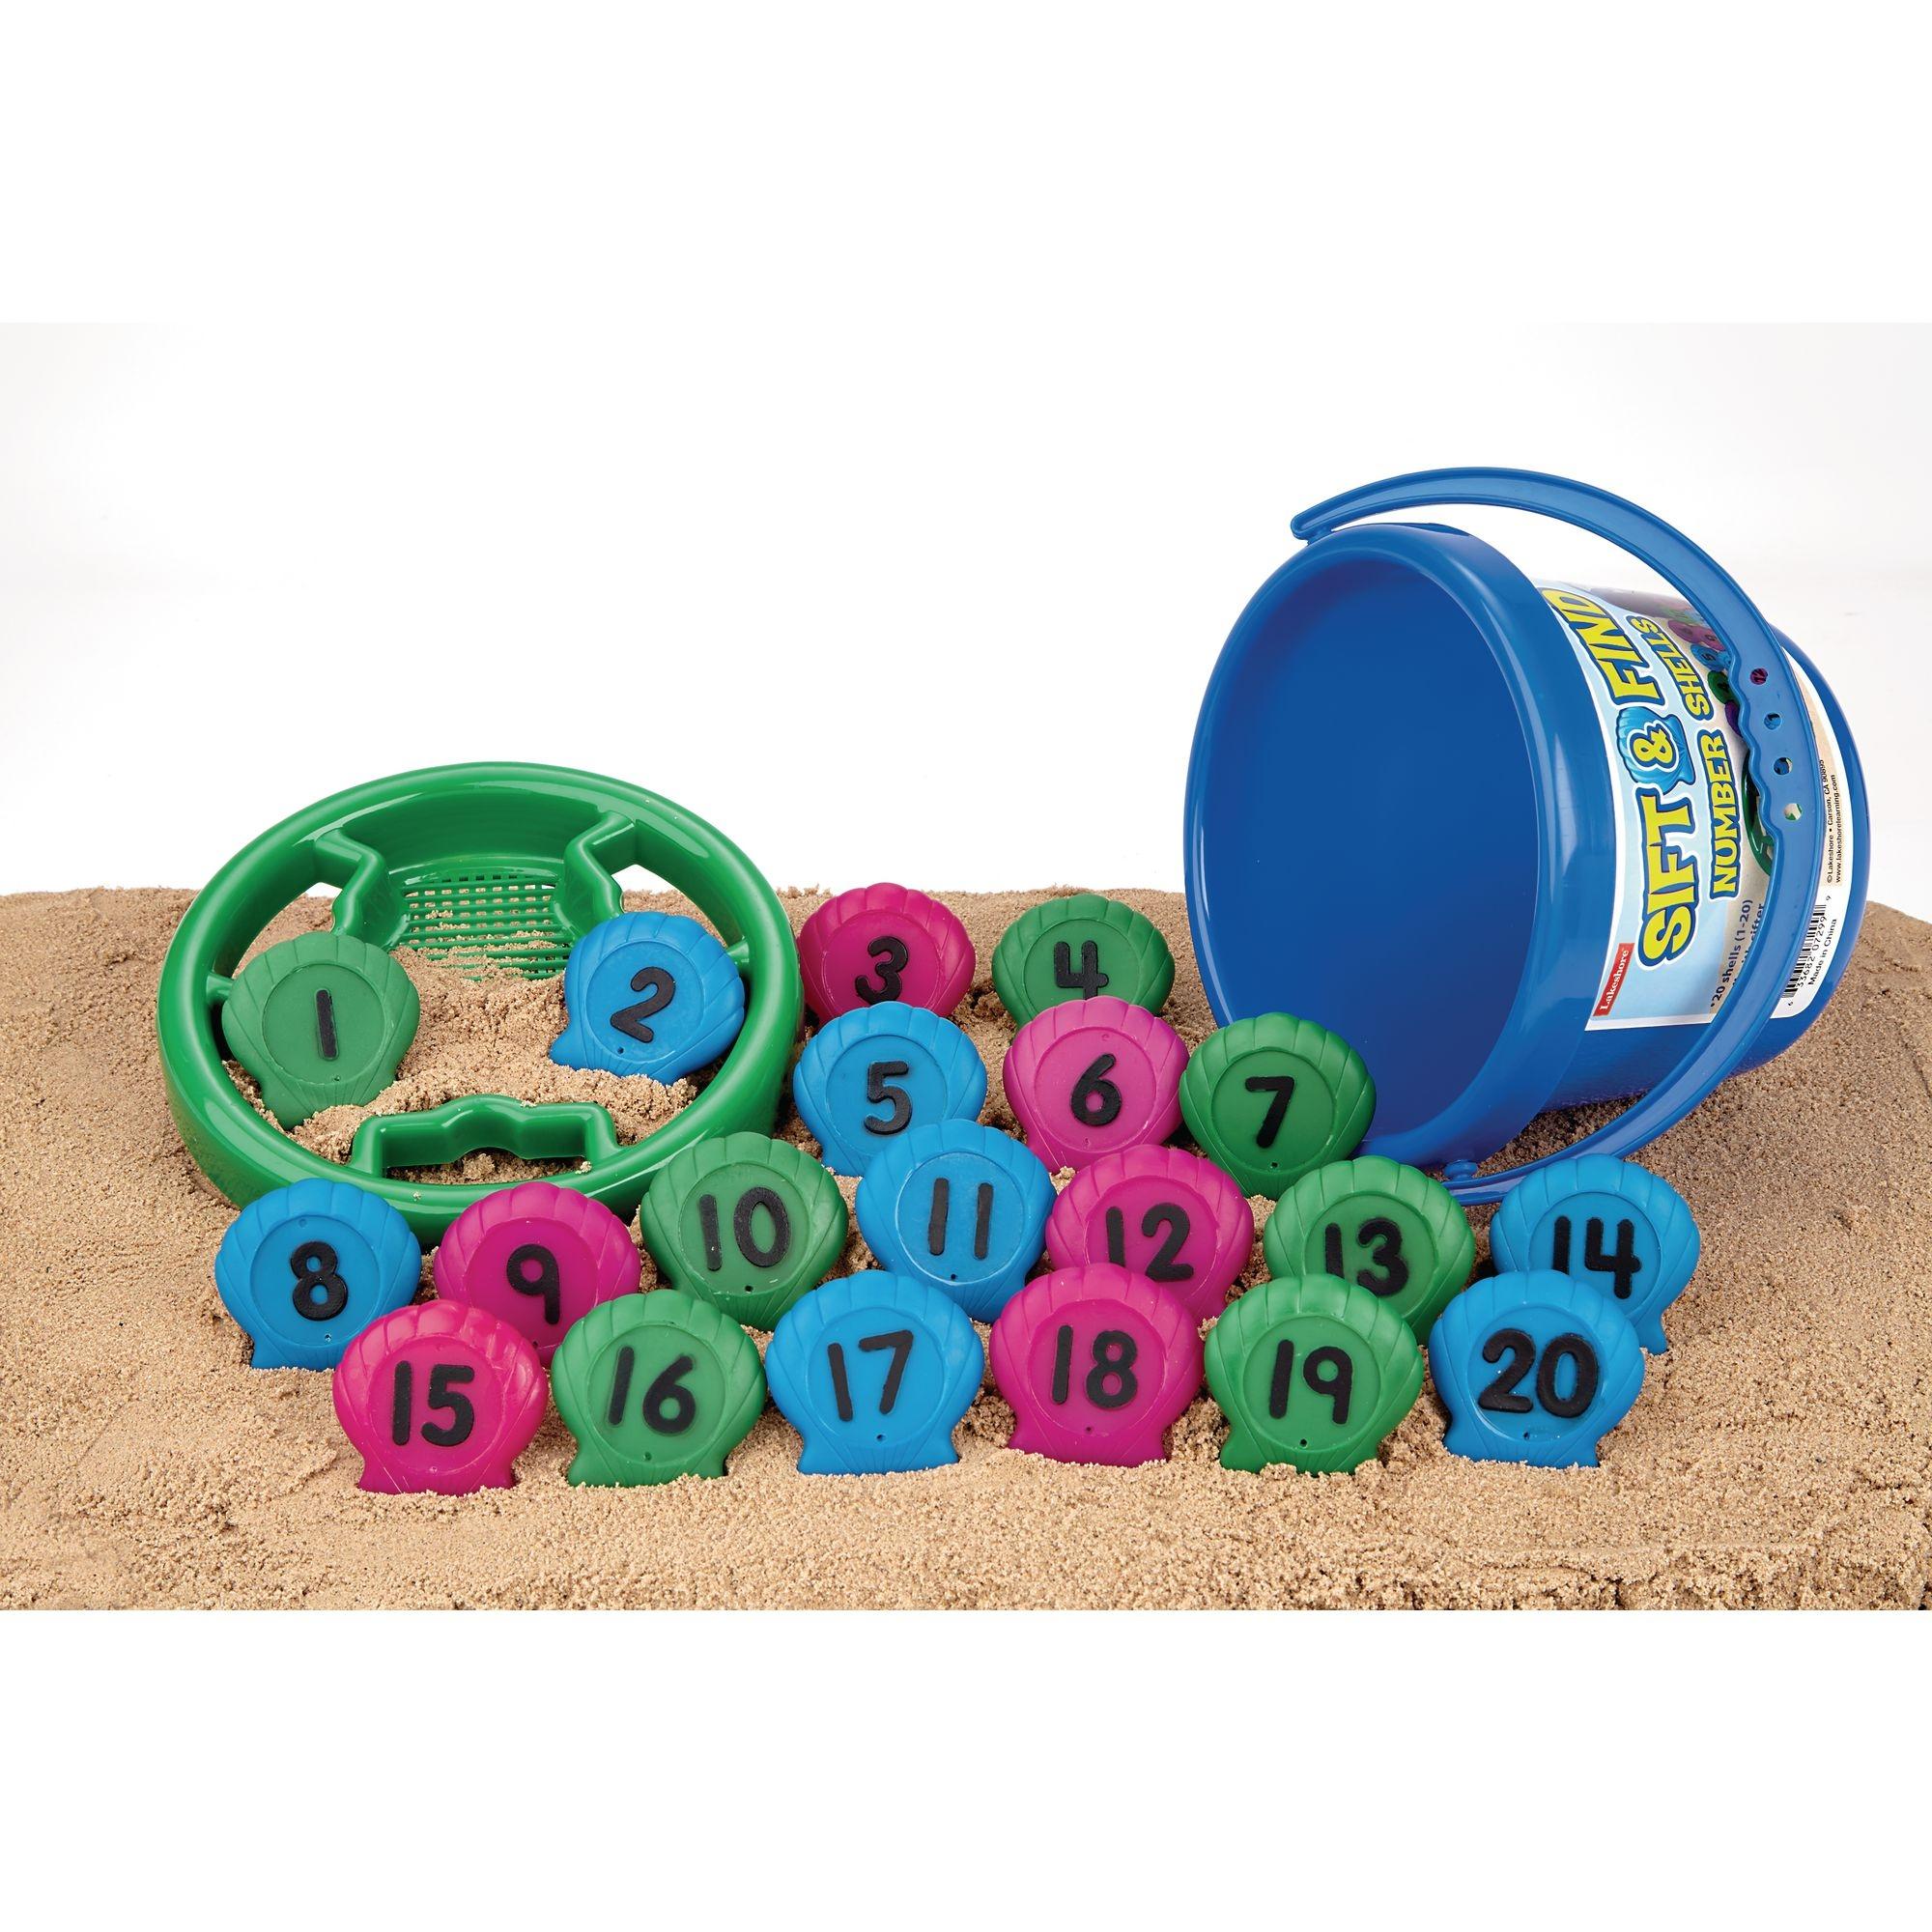 Number Shells